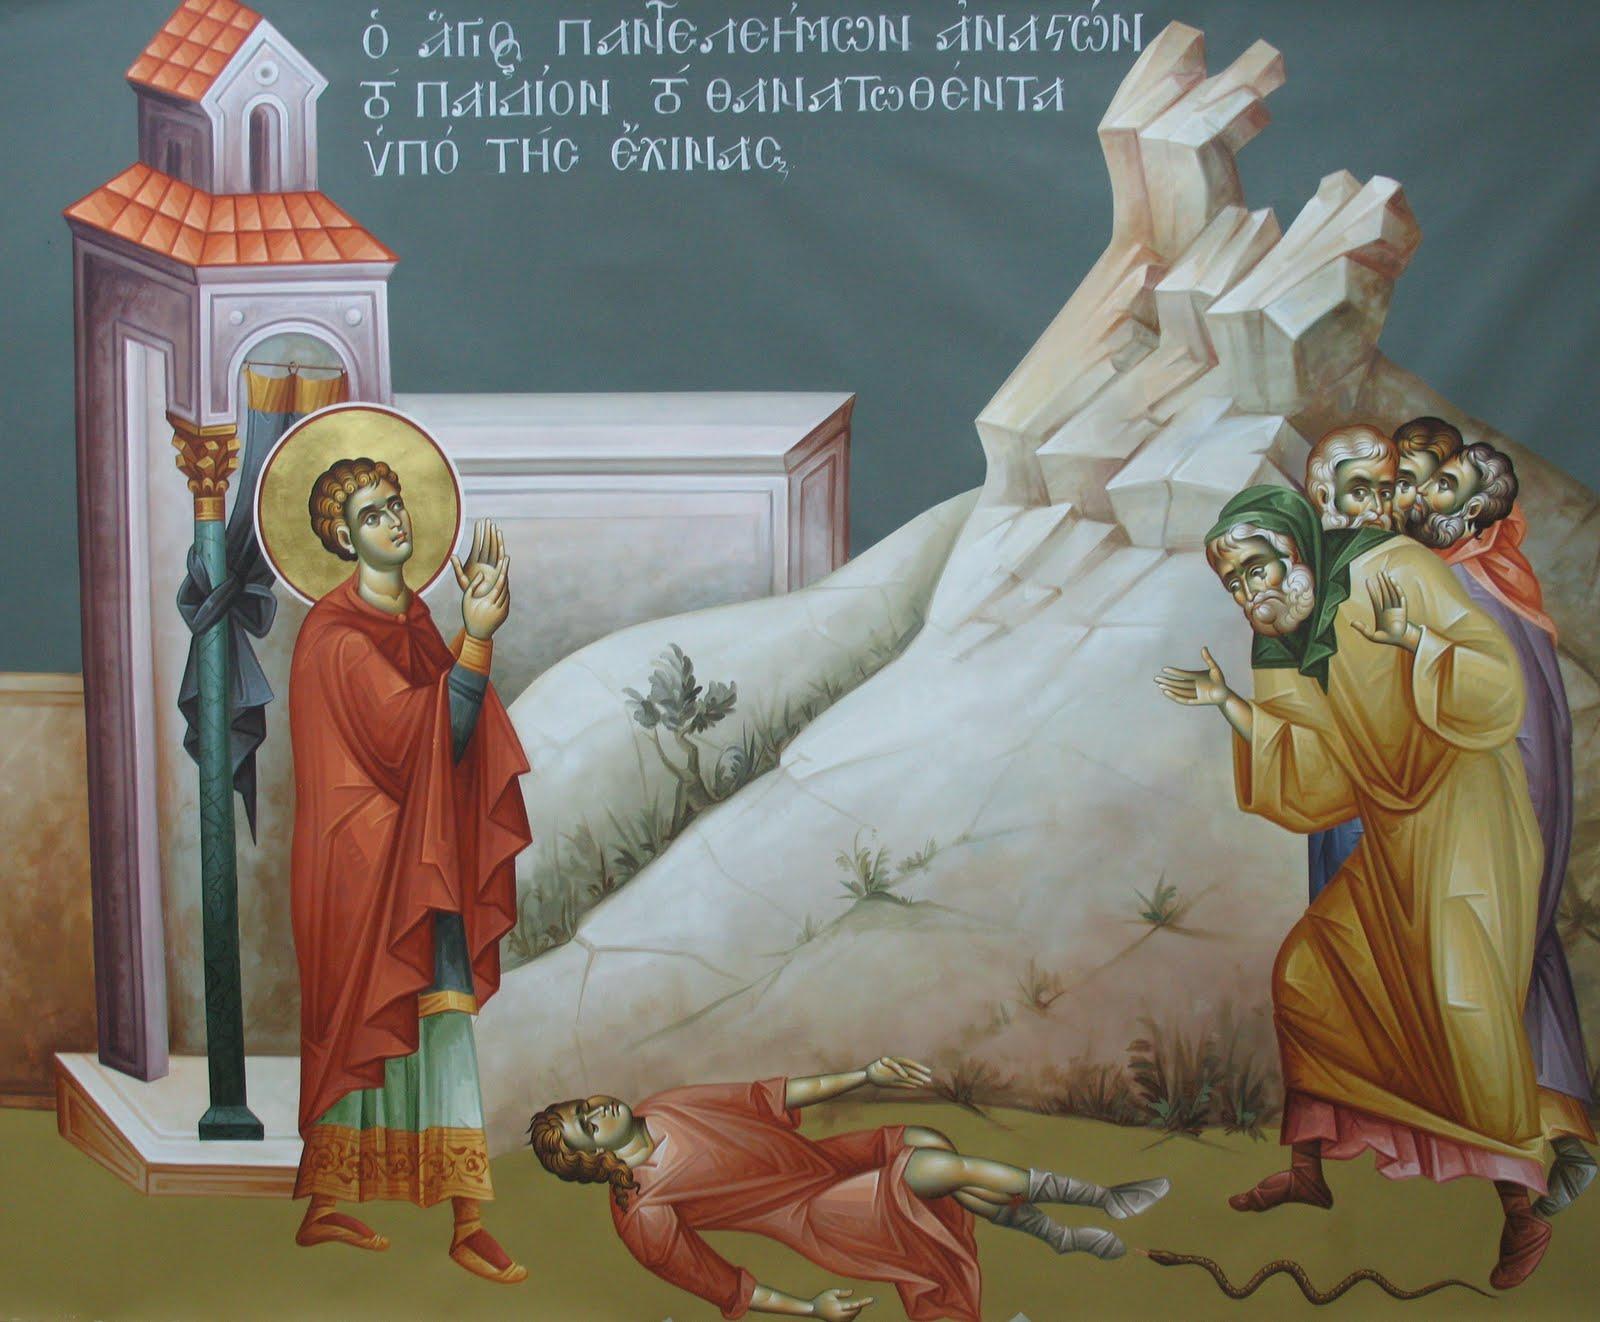 Παράσταση Αγίου Παντελεήμονος